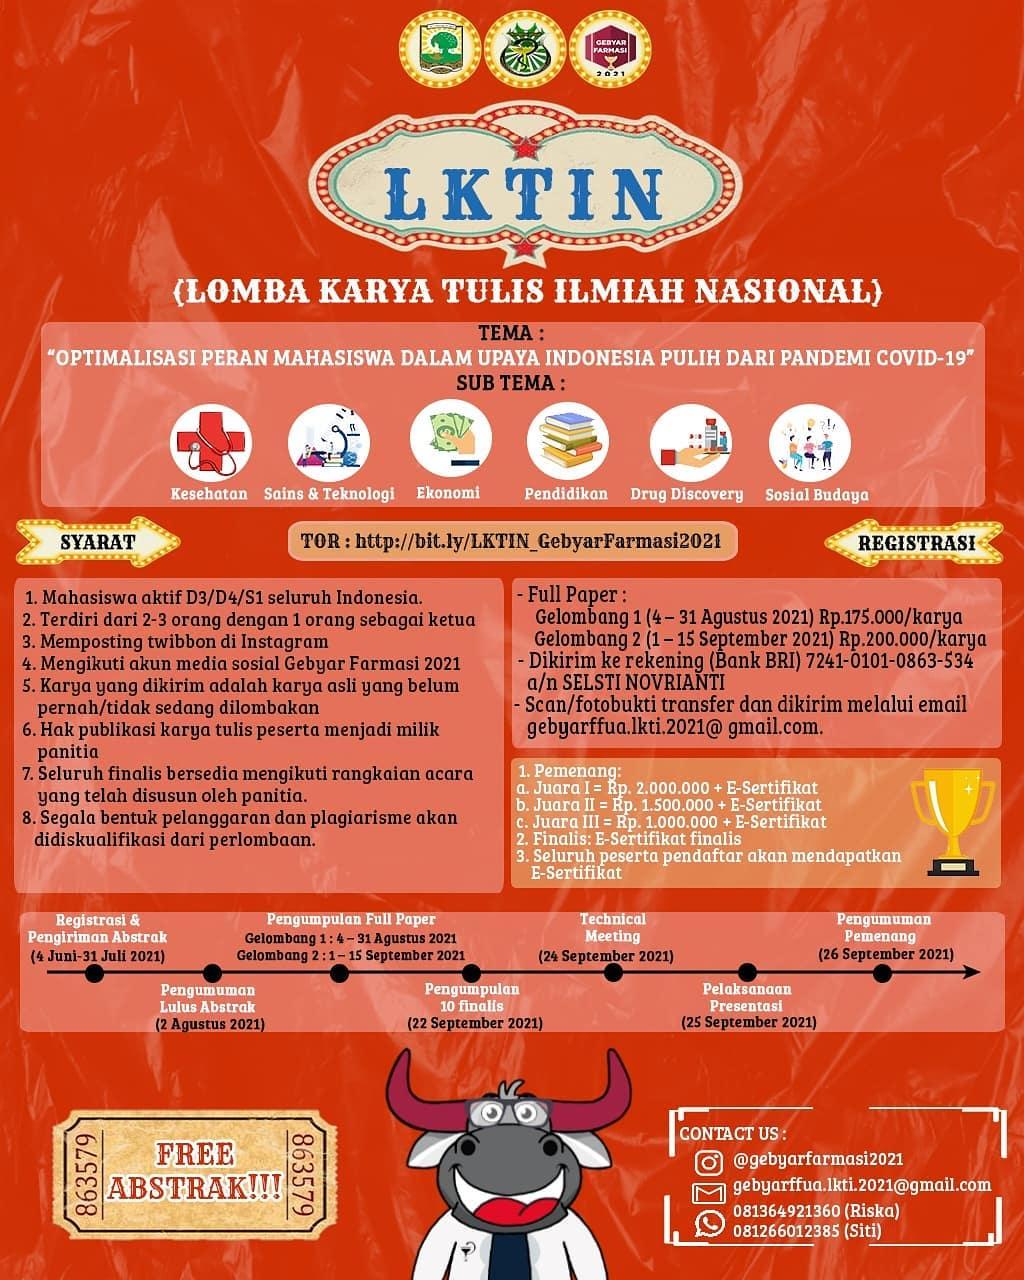 (LKTIN) Lomba Karya Tulis Ilmiah Nasional oleh Fakultas Farmasi Universitas Andalas